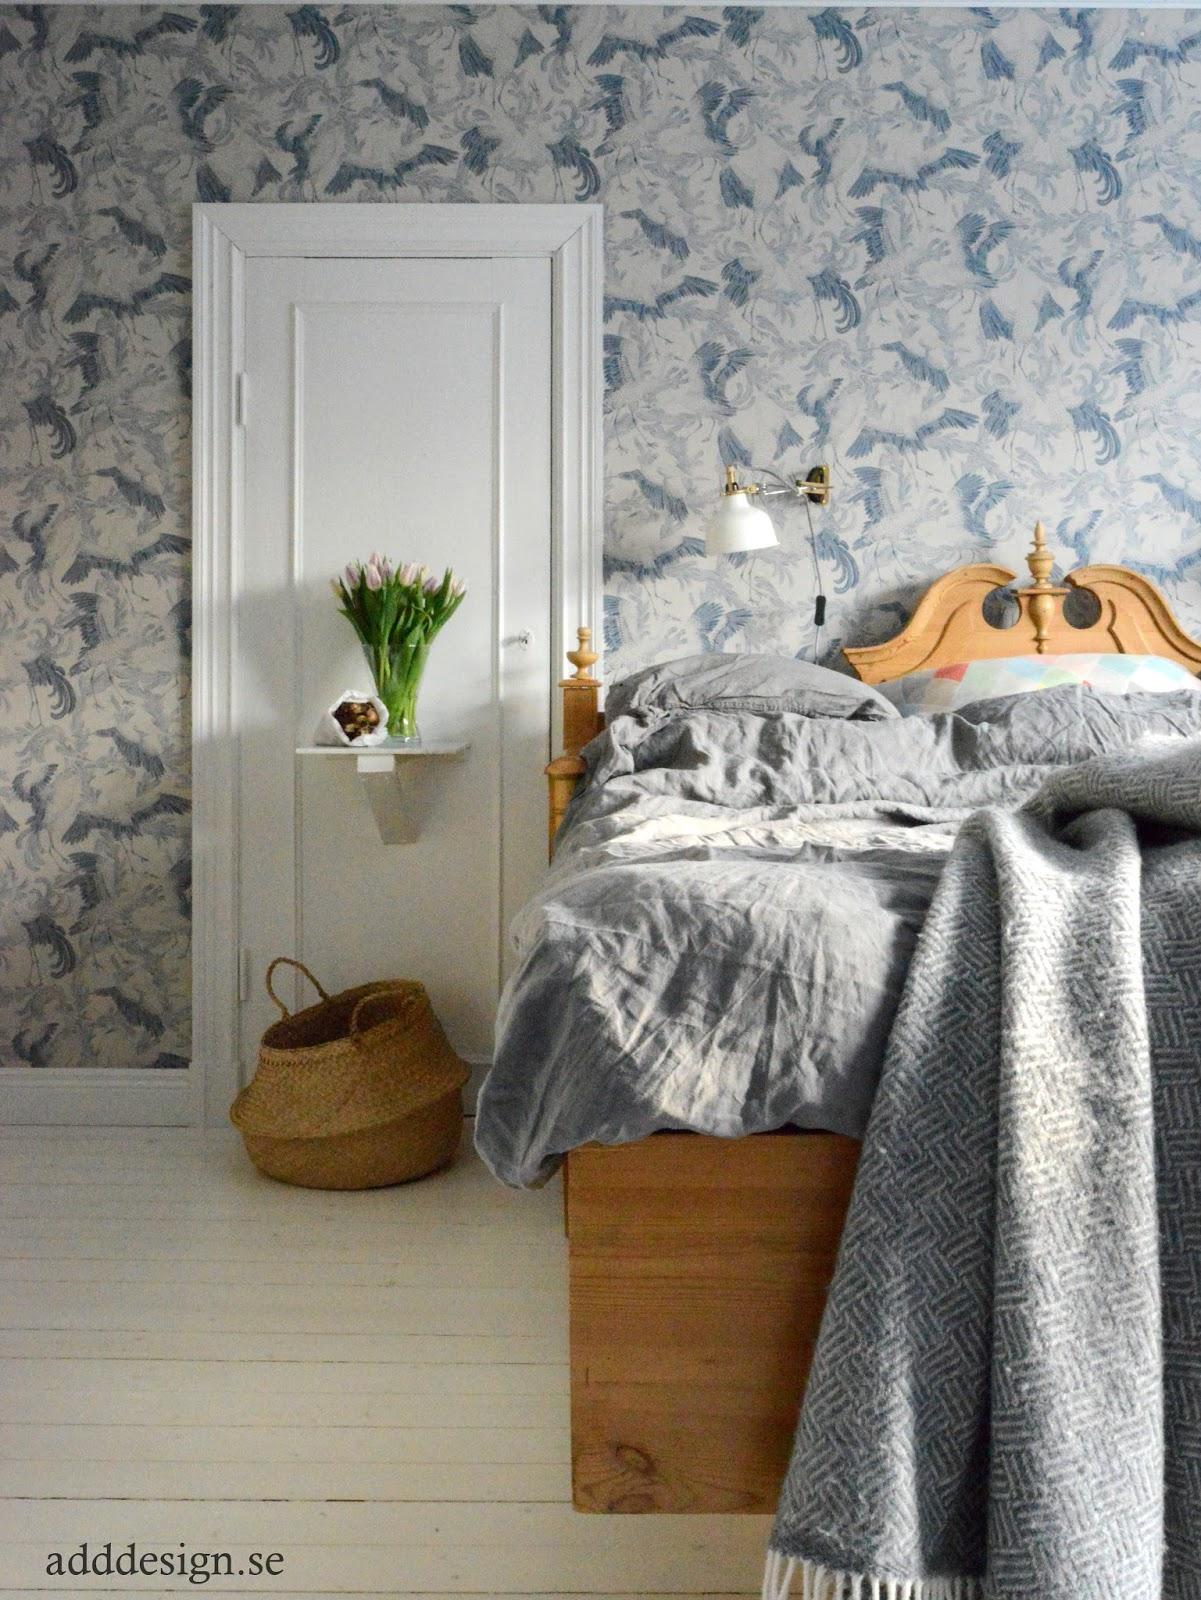 Add: design / anna stenberg / lantligt på svanängen: januari 2016